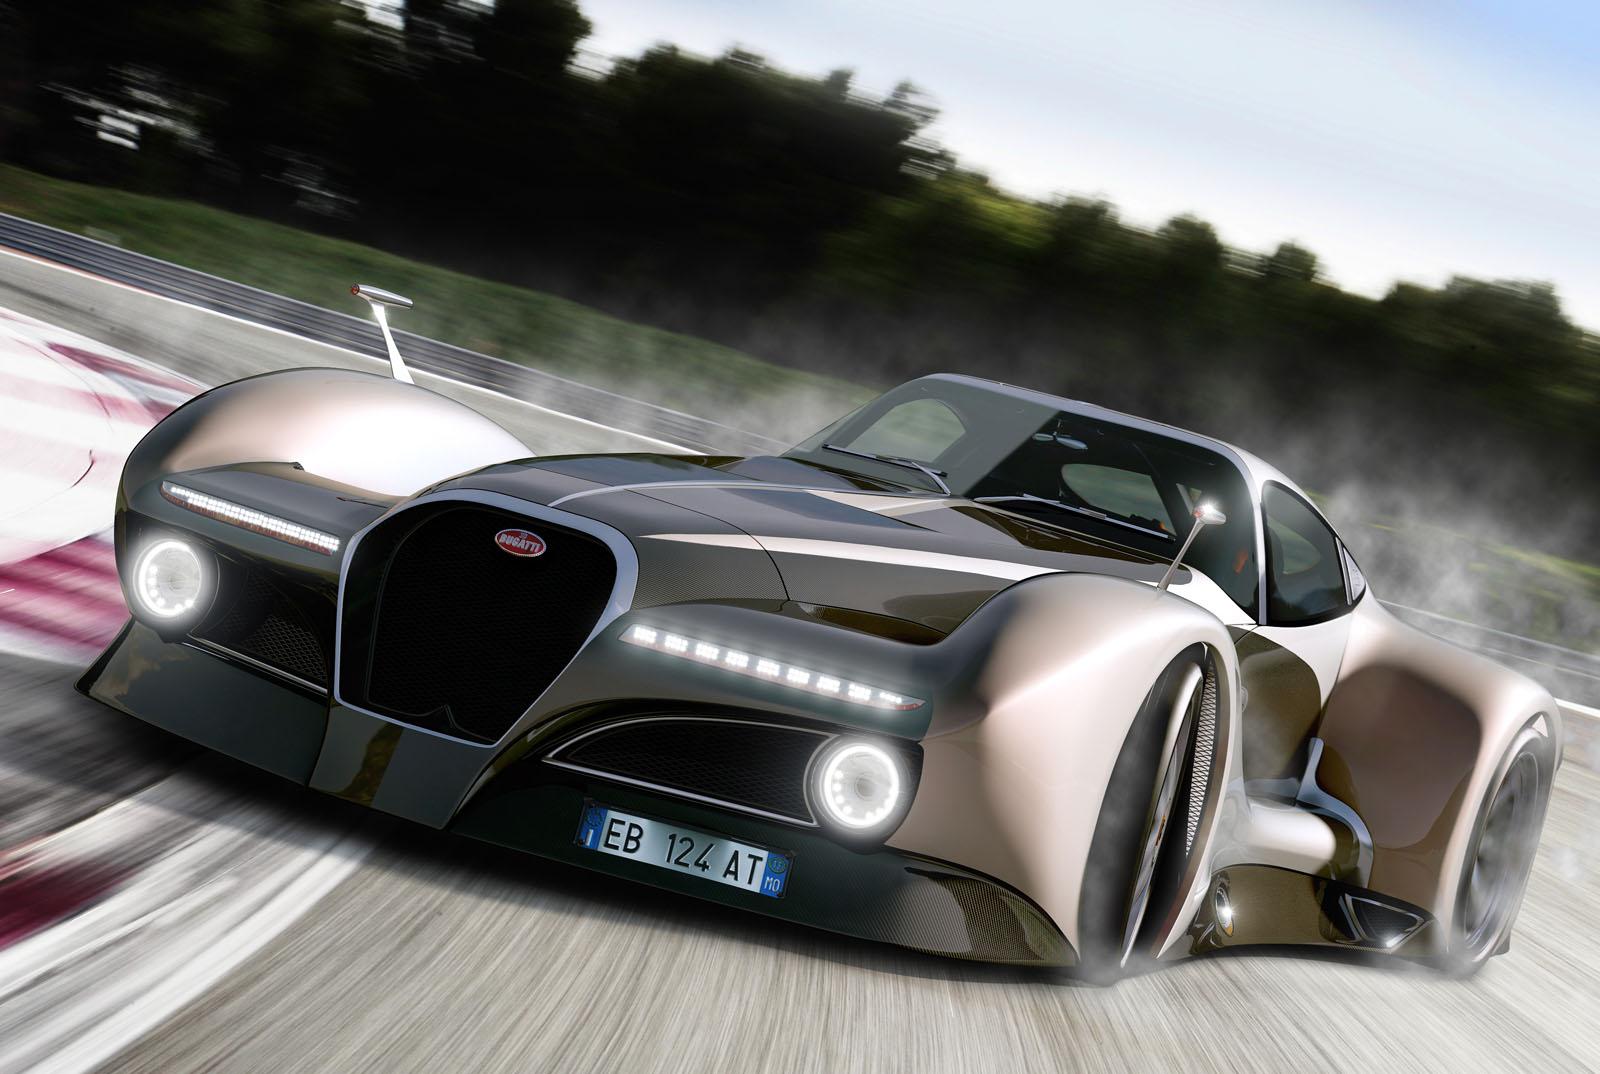 Bugatti-12-4-Atlantique-Concept-1